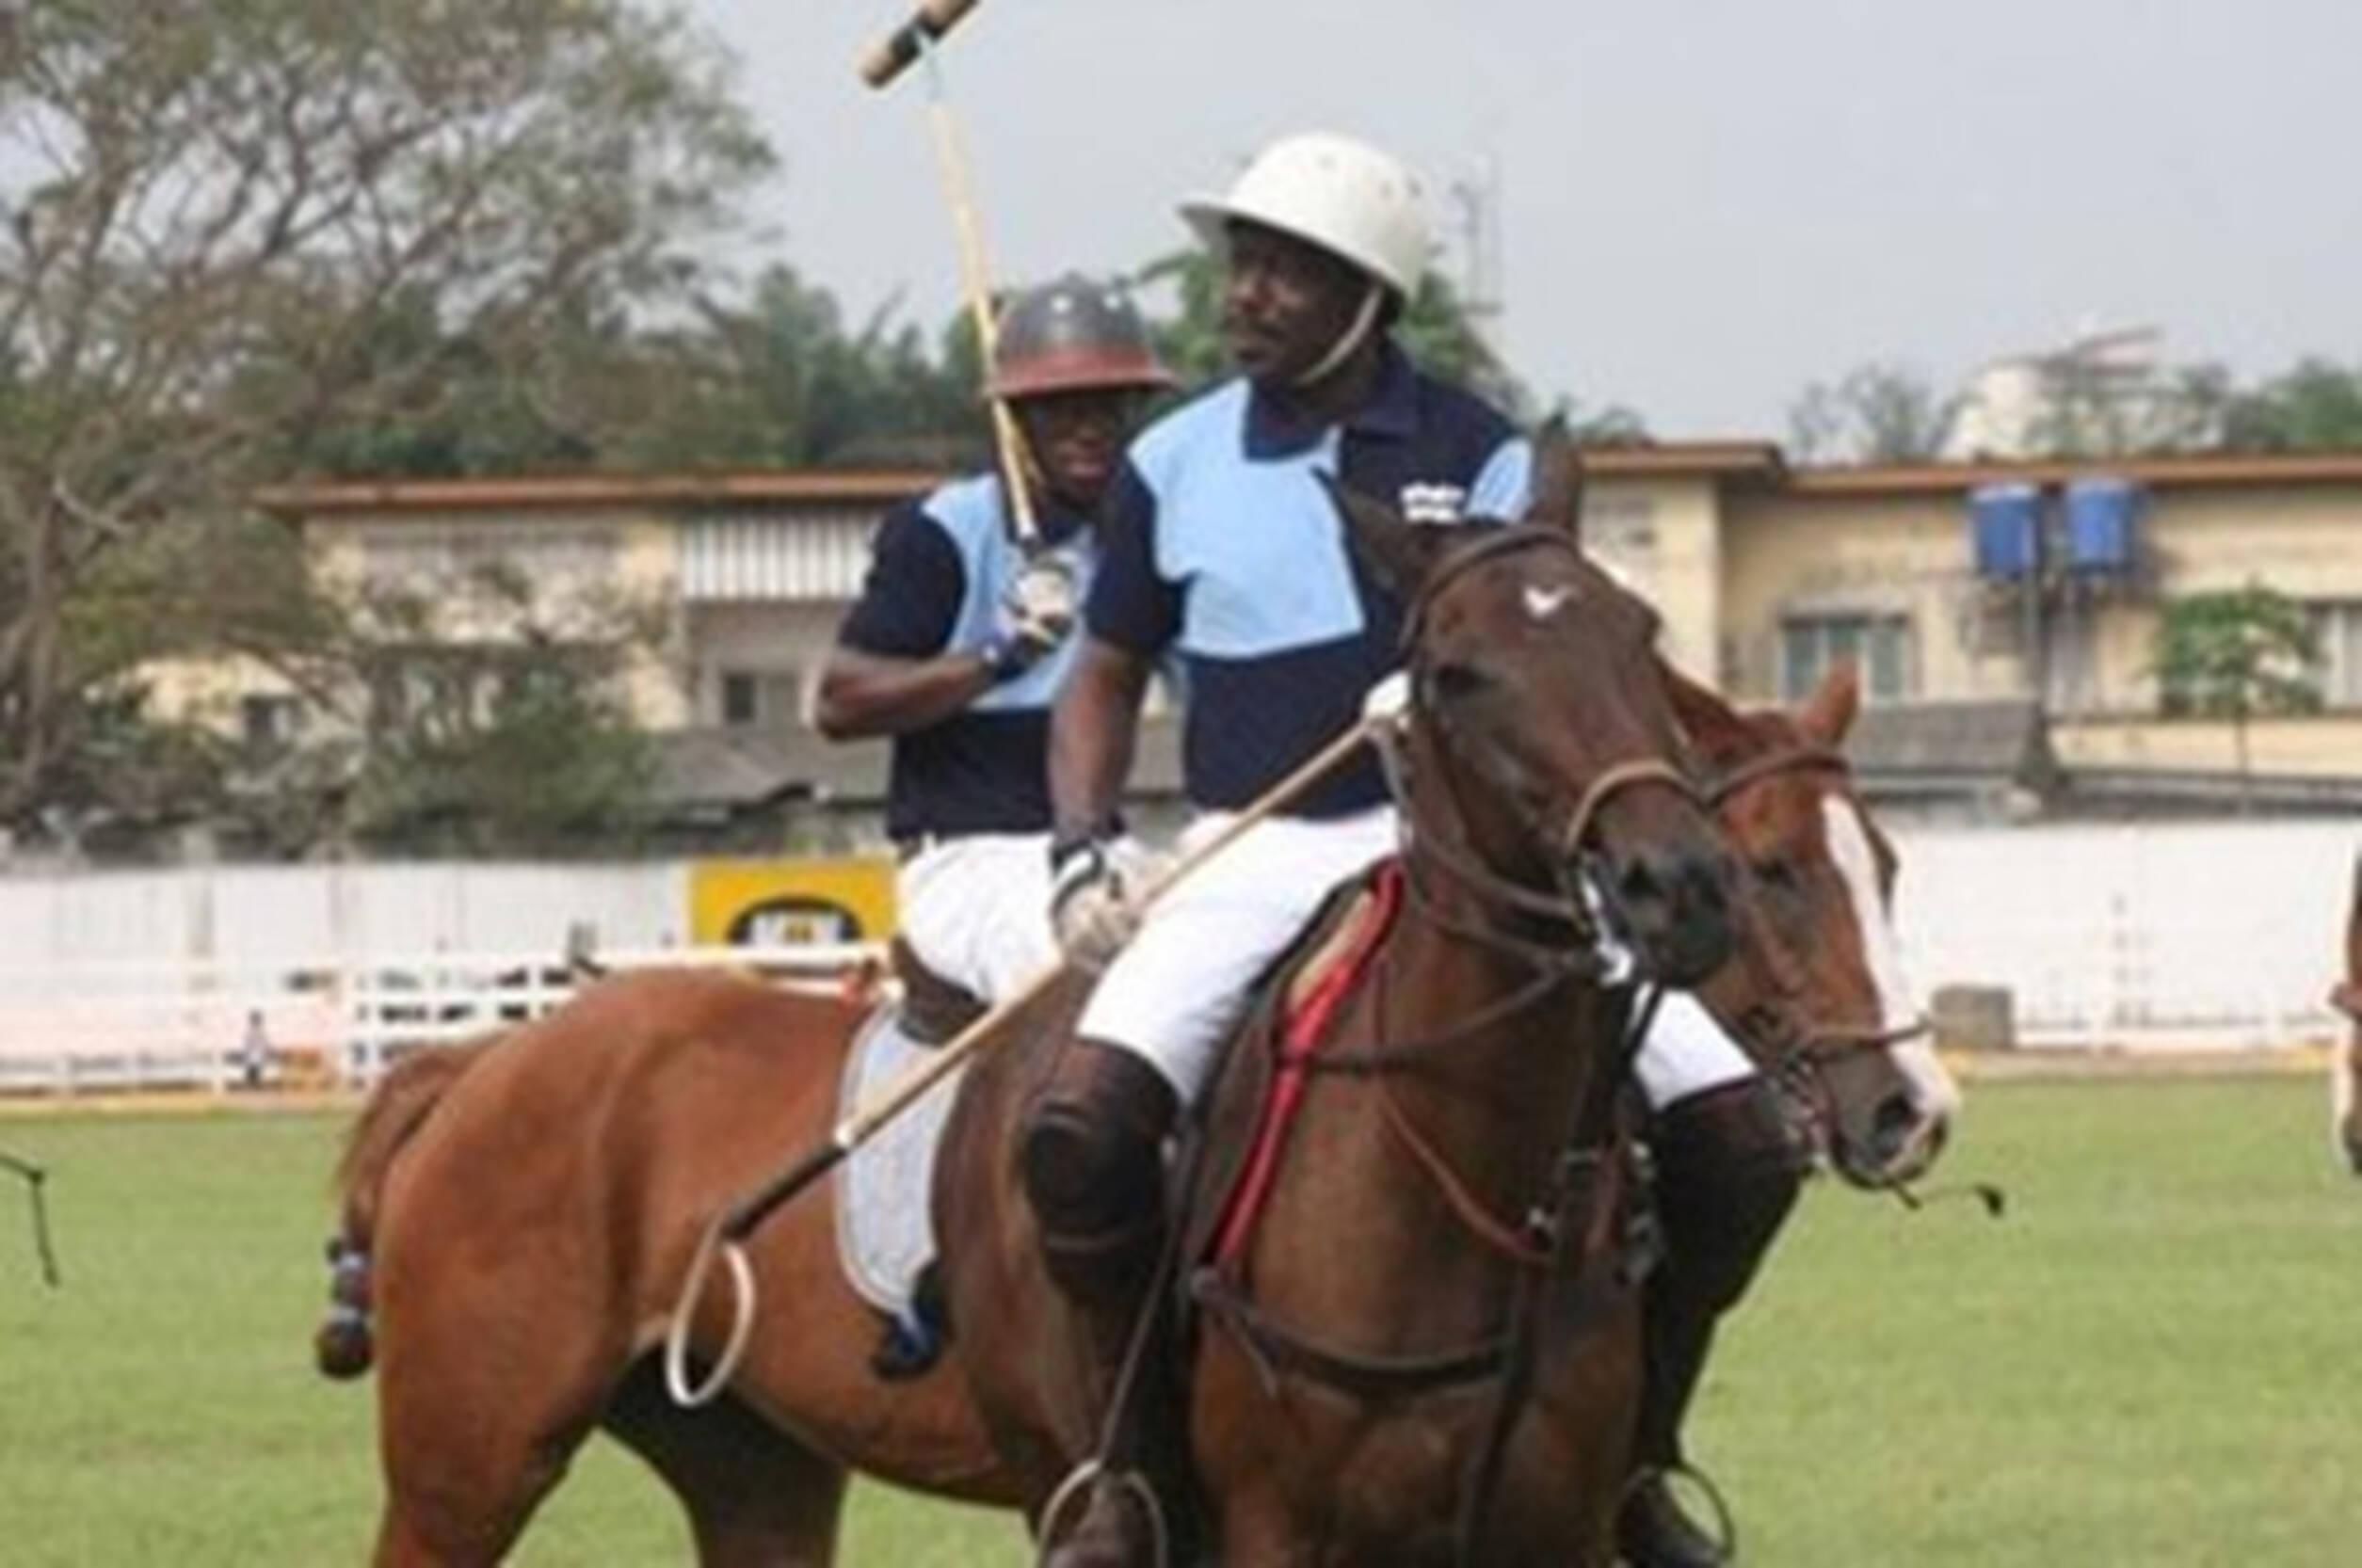 非洲土豪们的真实生活,住欧式别墅,骑马,吃牛排,出门让人抬着